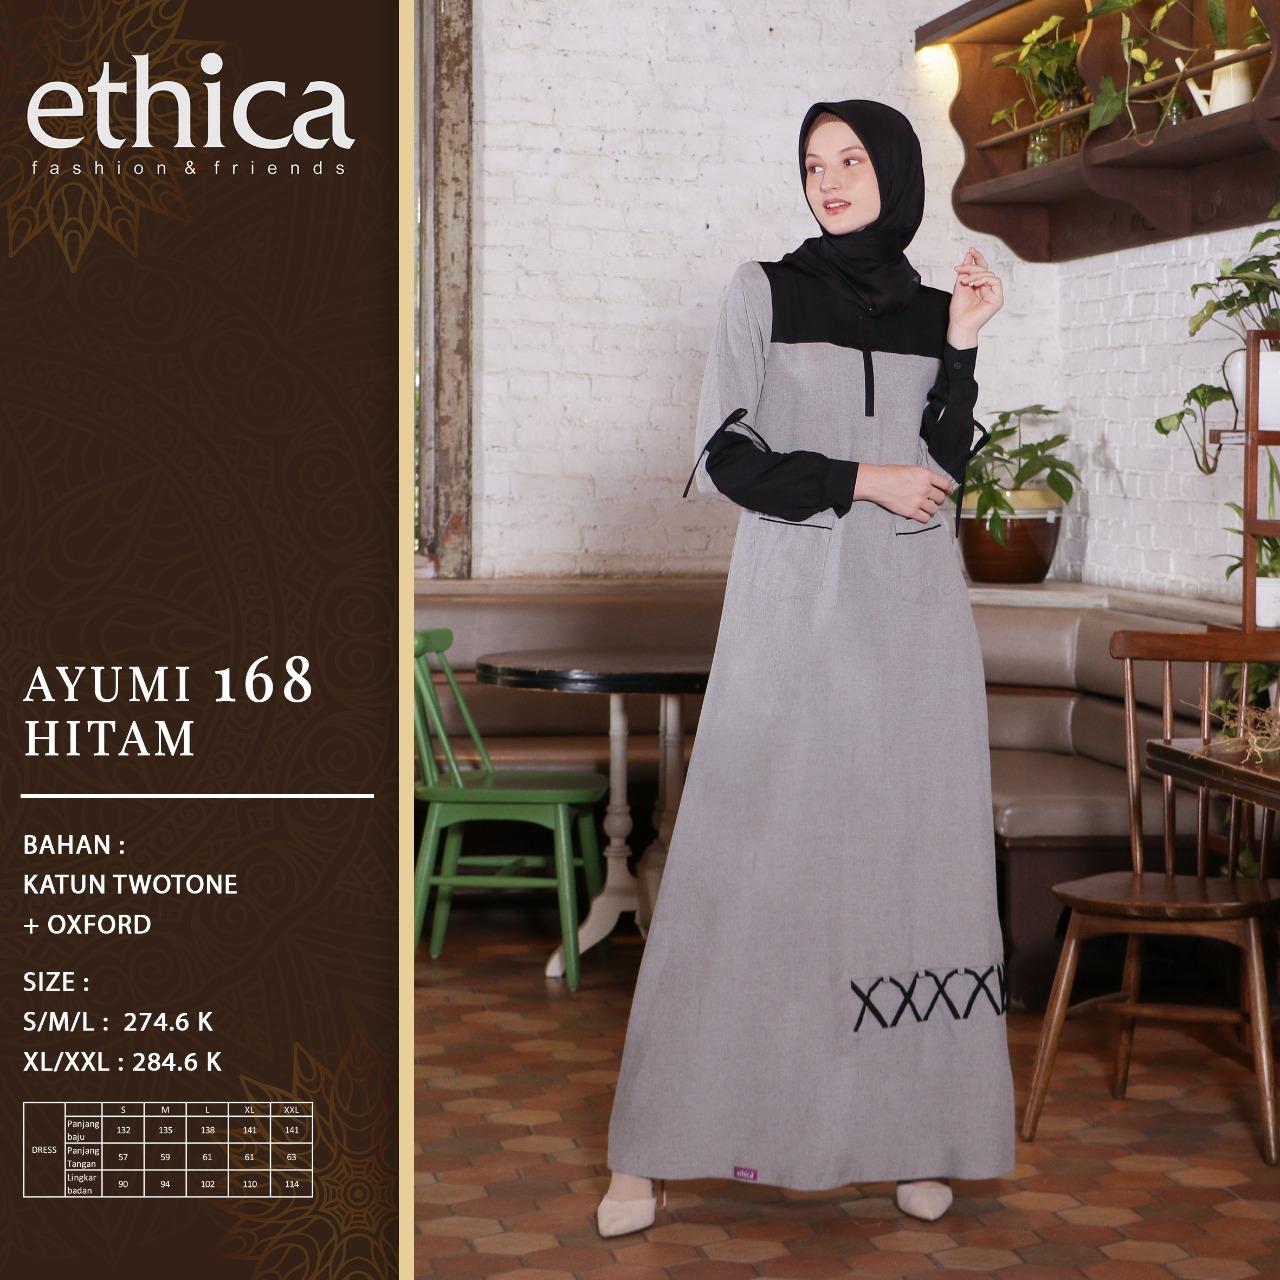 Gamis Ethica Ayumi 168 Membeli Jualan Online Baju Muslim Jumpsuit Dengan Harga Murah Lazada Indonesia